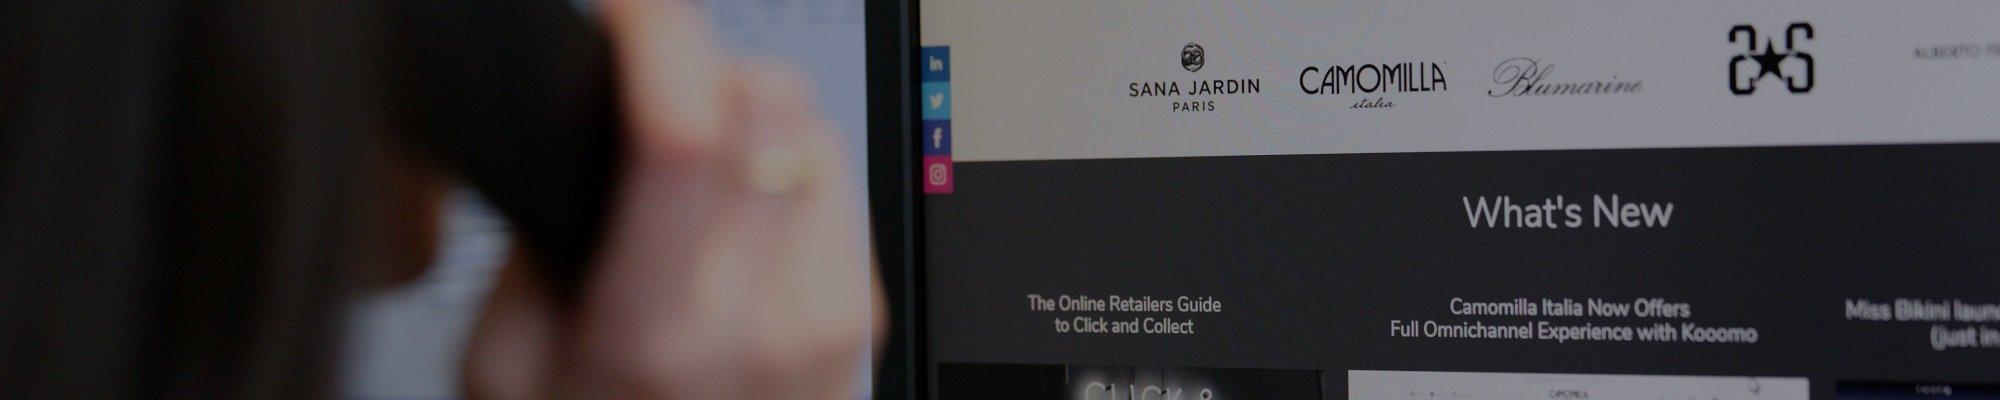 Confronto tra piattaforme e-commerce